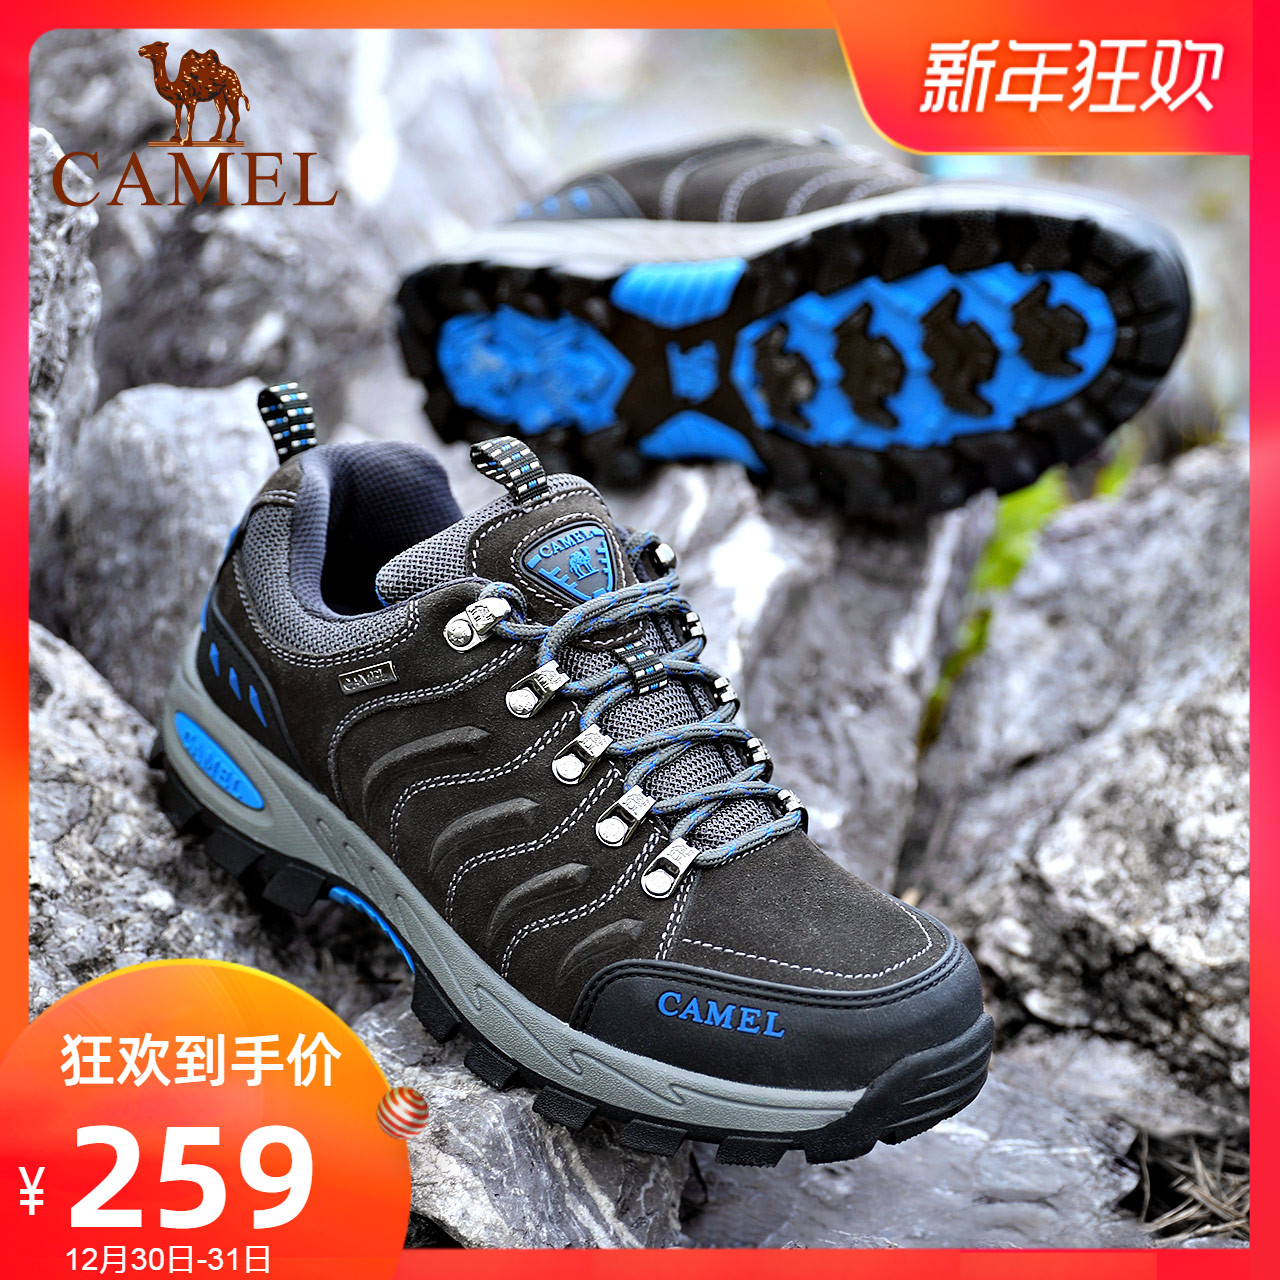 駱駝登山鞋 男士防水防滑情侶款耐磨旅行戶外運動鞋女爬山徒步鞋